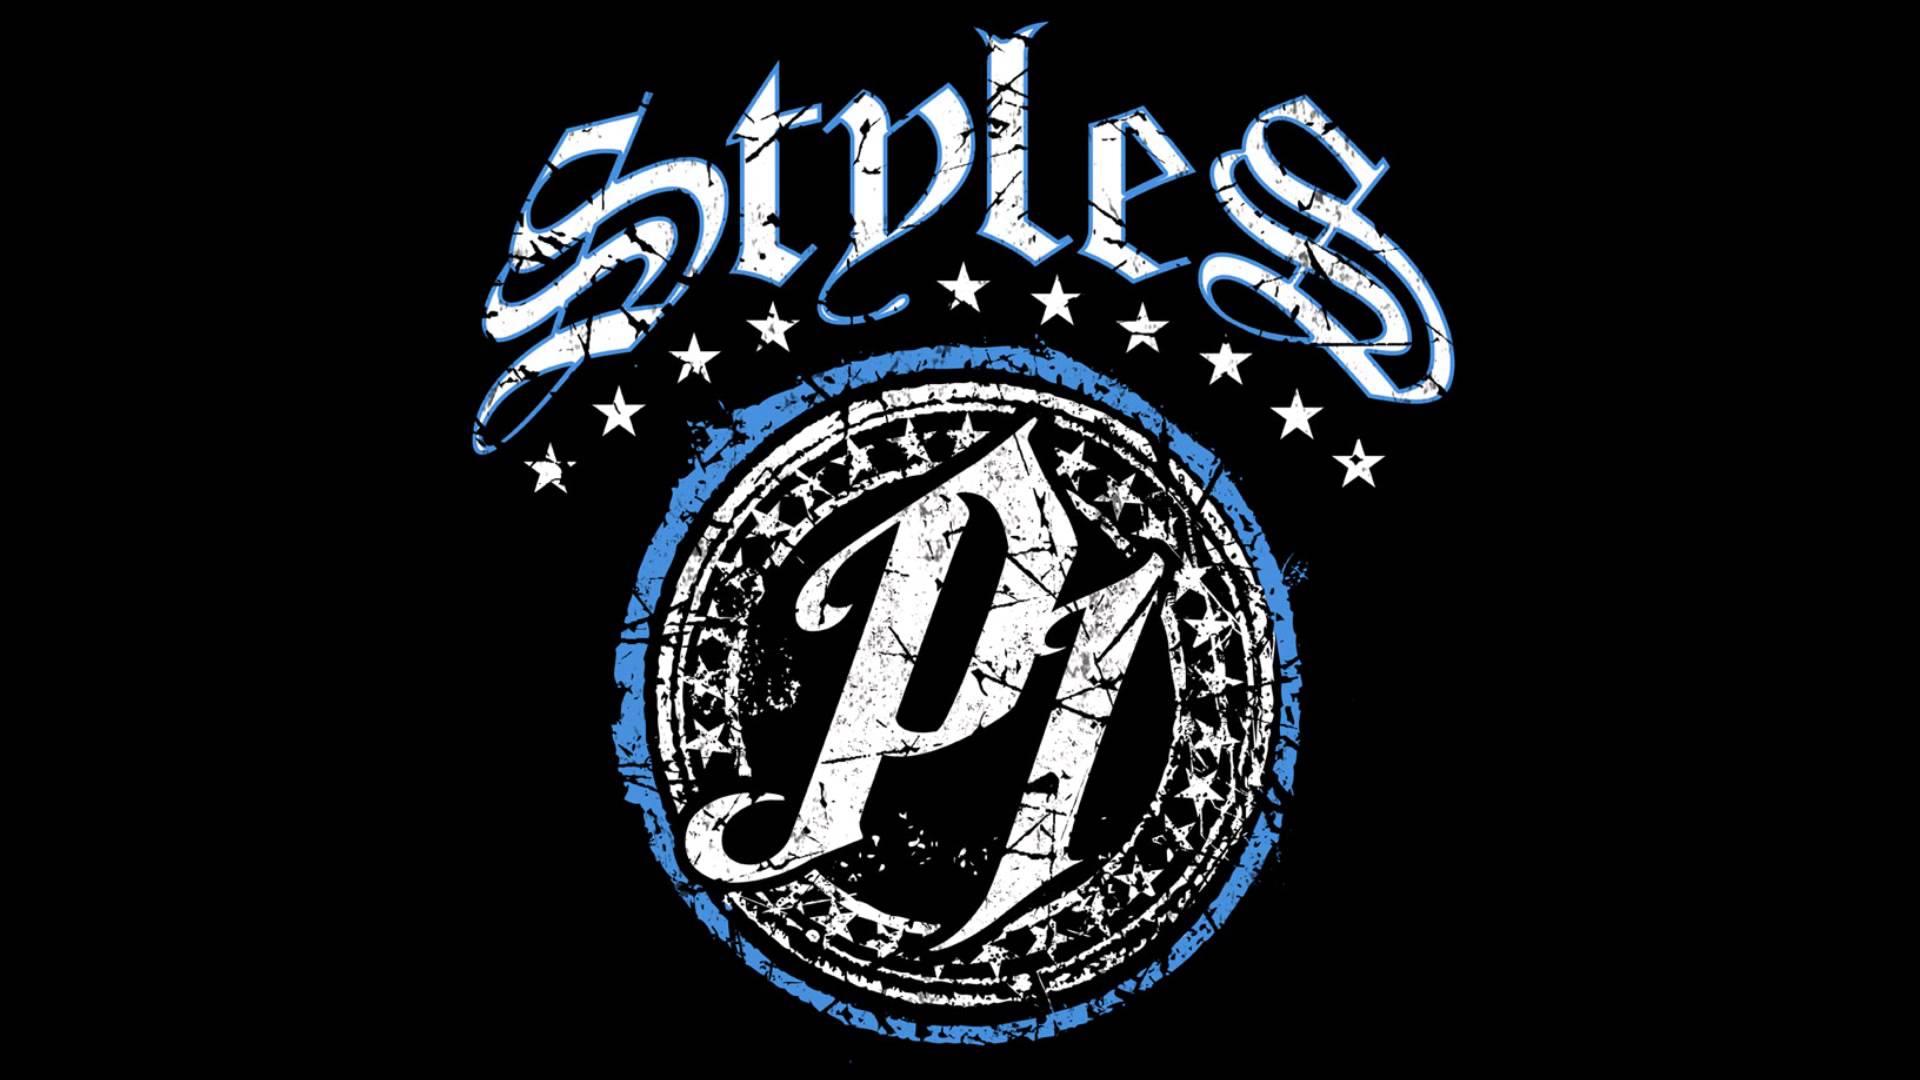 Aj Styles Logo